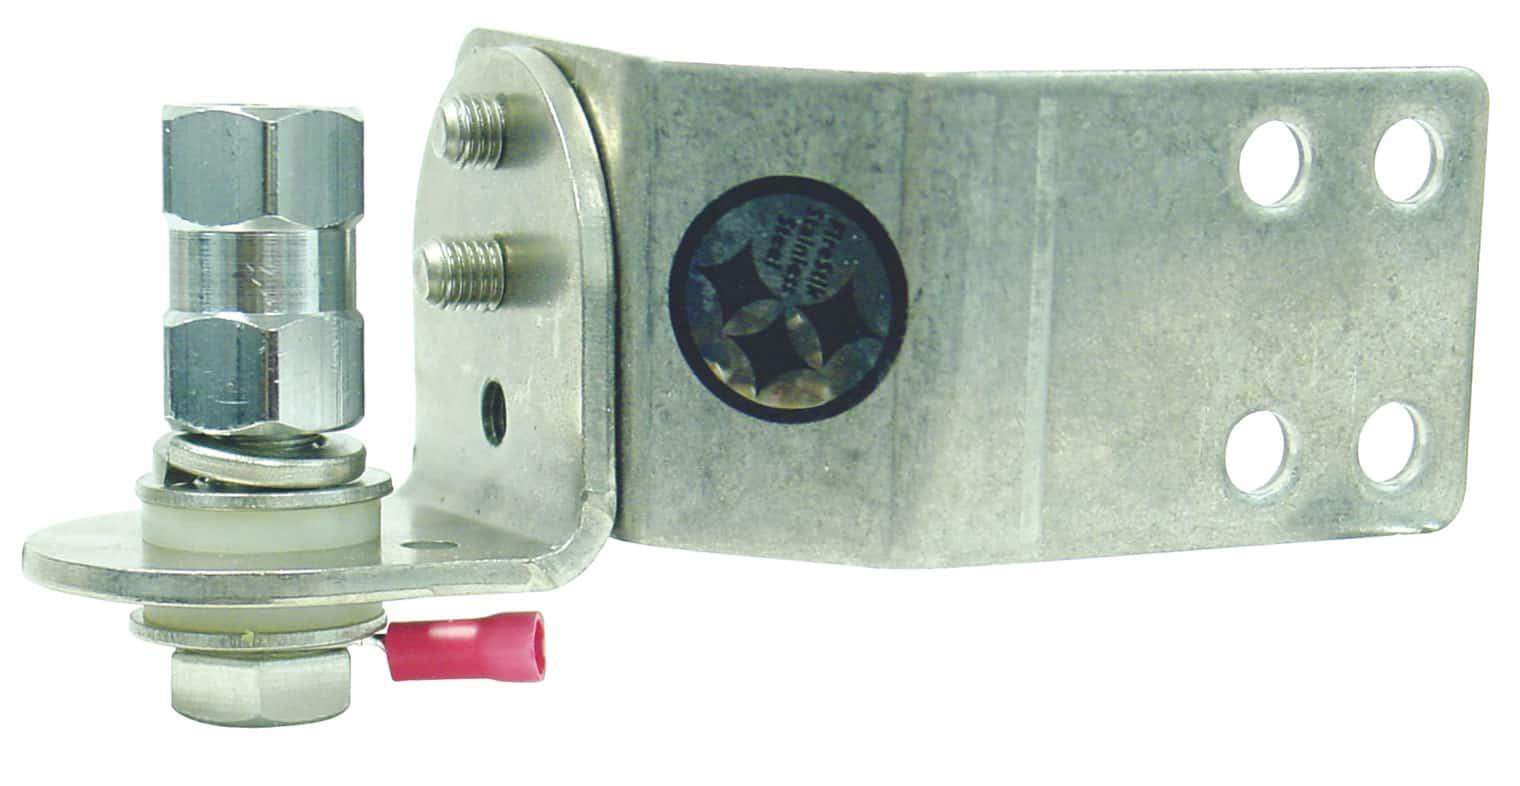 SS204 - Firestik Door / Hatch Edge Swivel Antenna Mount W/K4 Stud